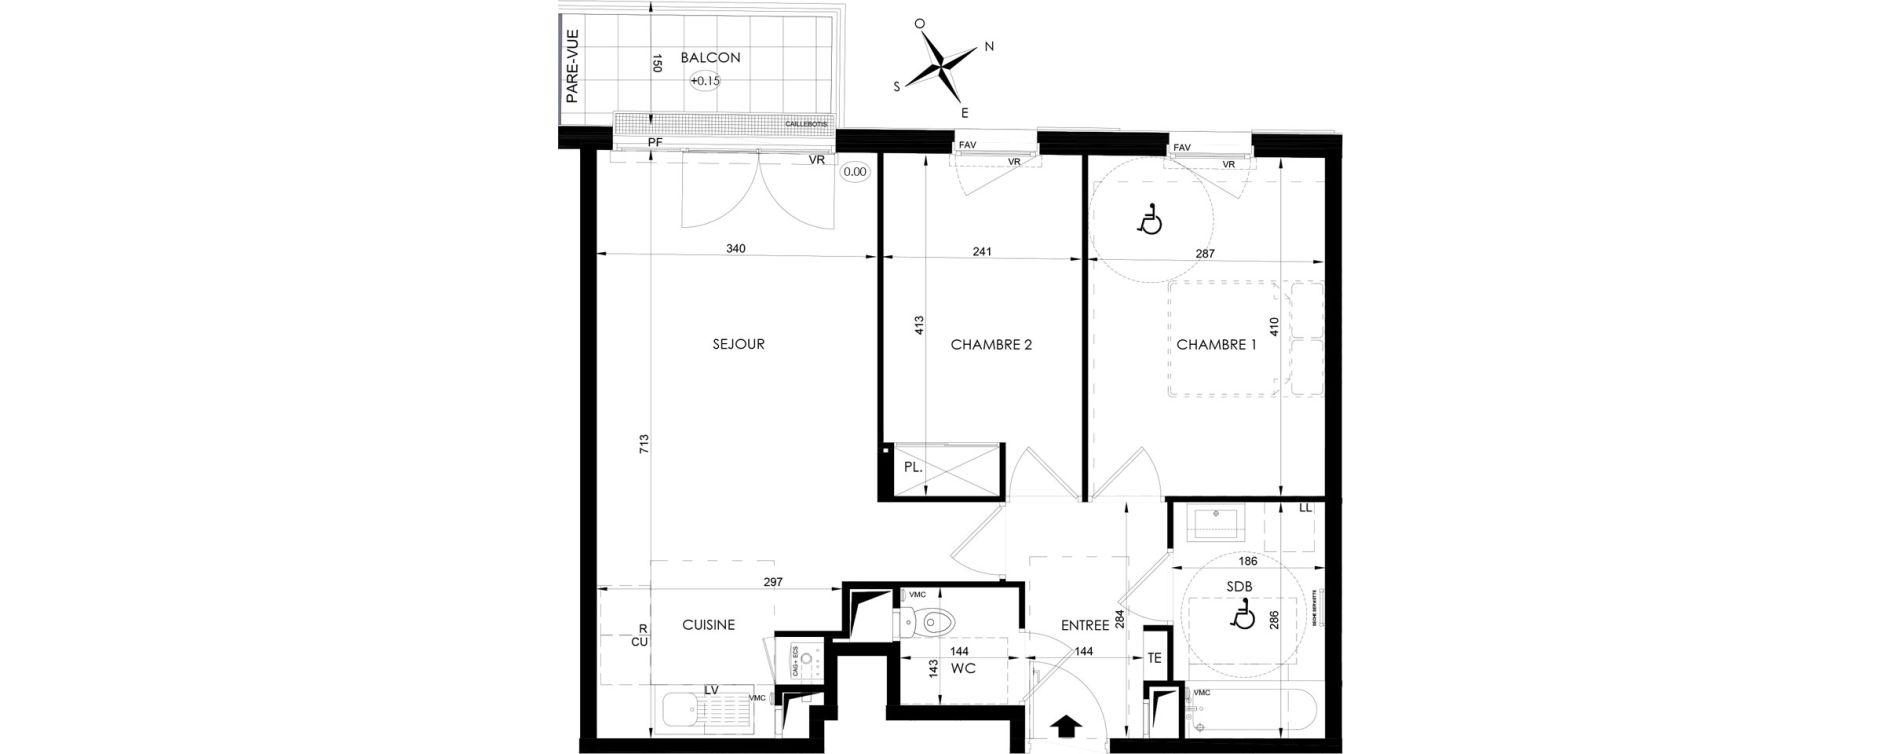 Appartement T3 de 57,70 m2 aux Clayes-Sous-Bois Centre